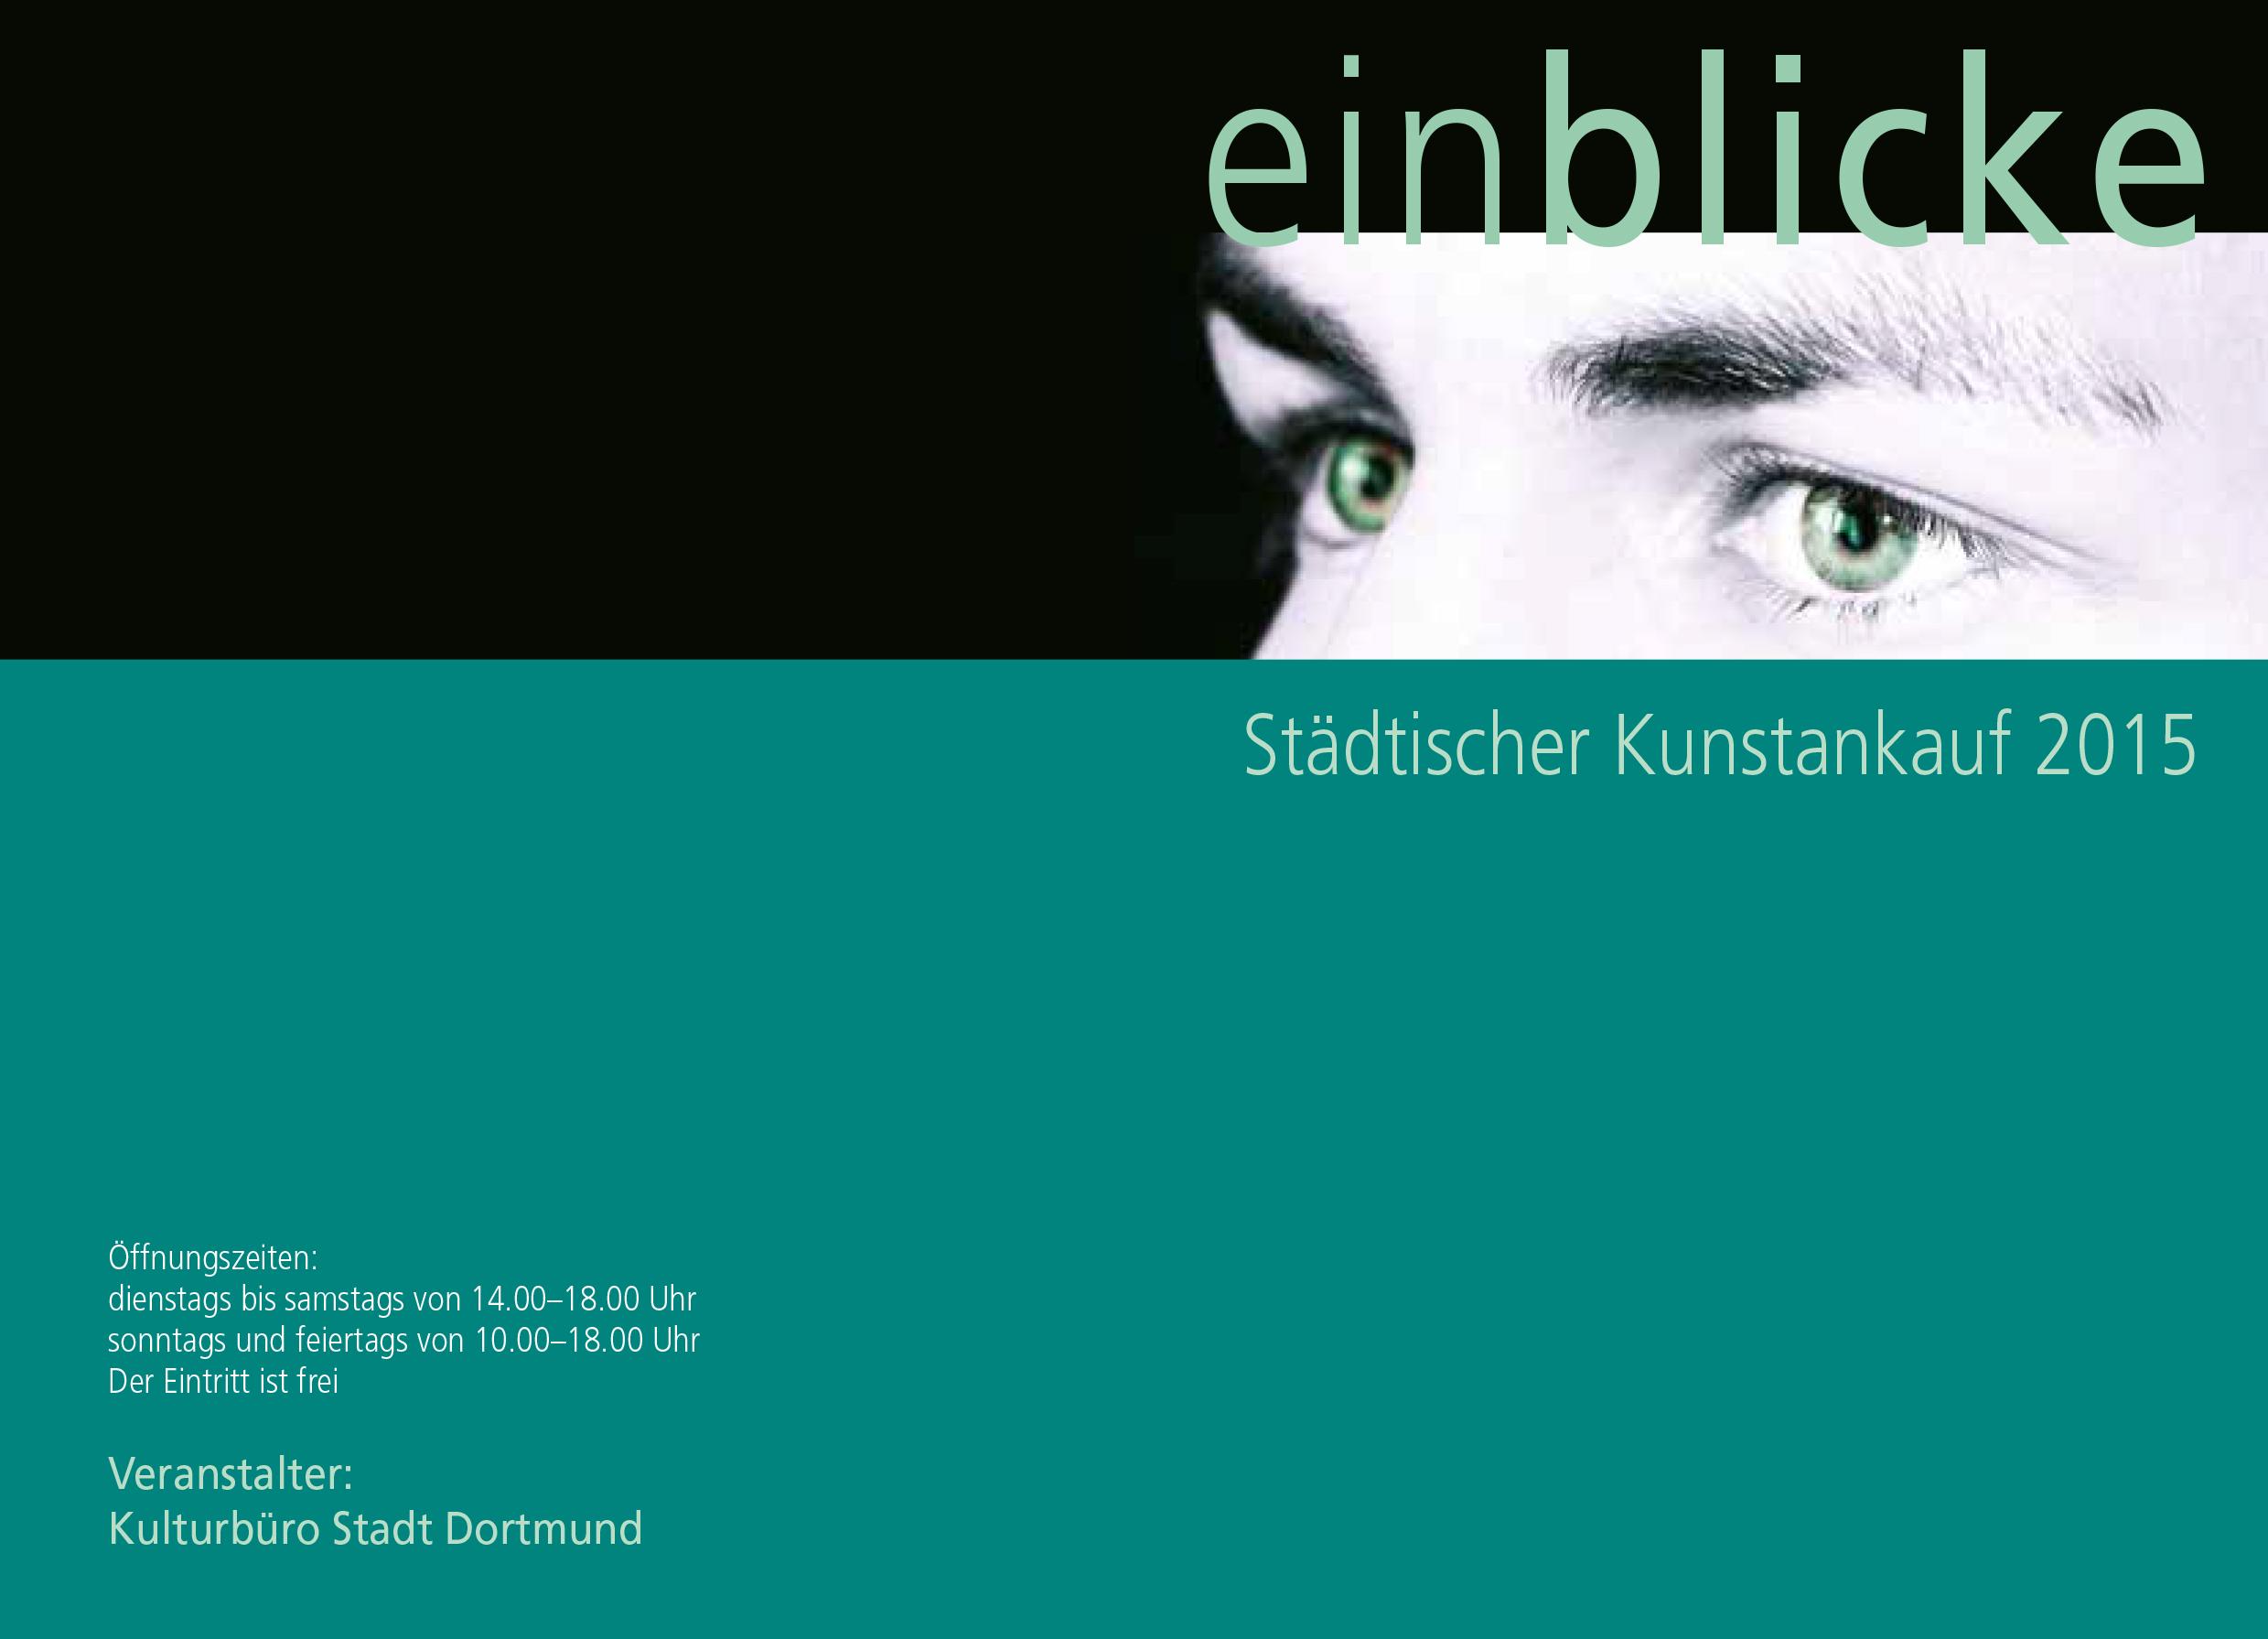 Alexandra-Lippert-Einblicke-Kunstankauf-2016